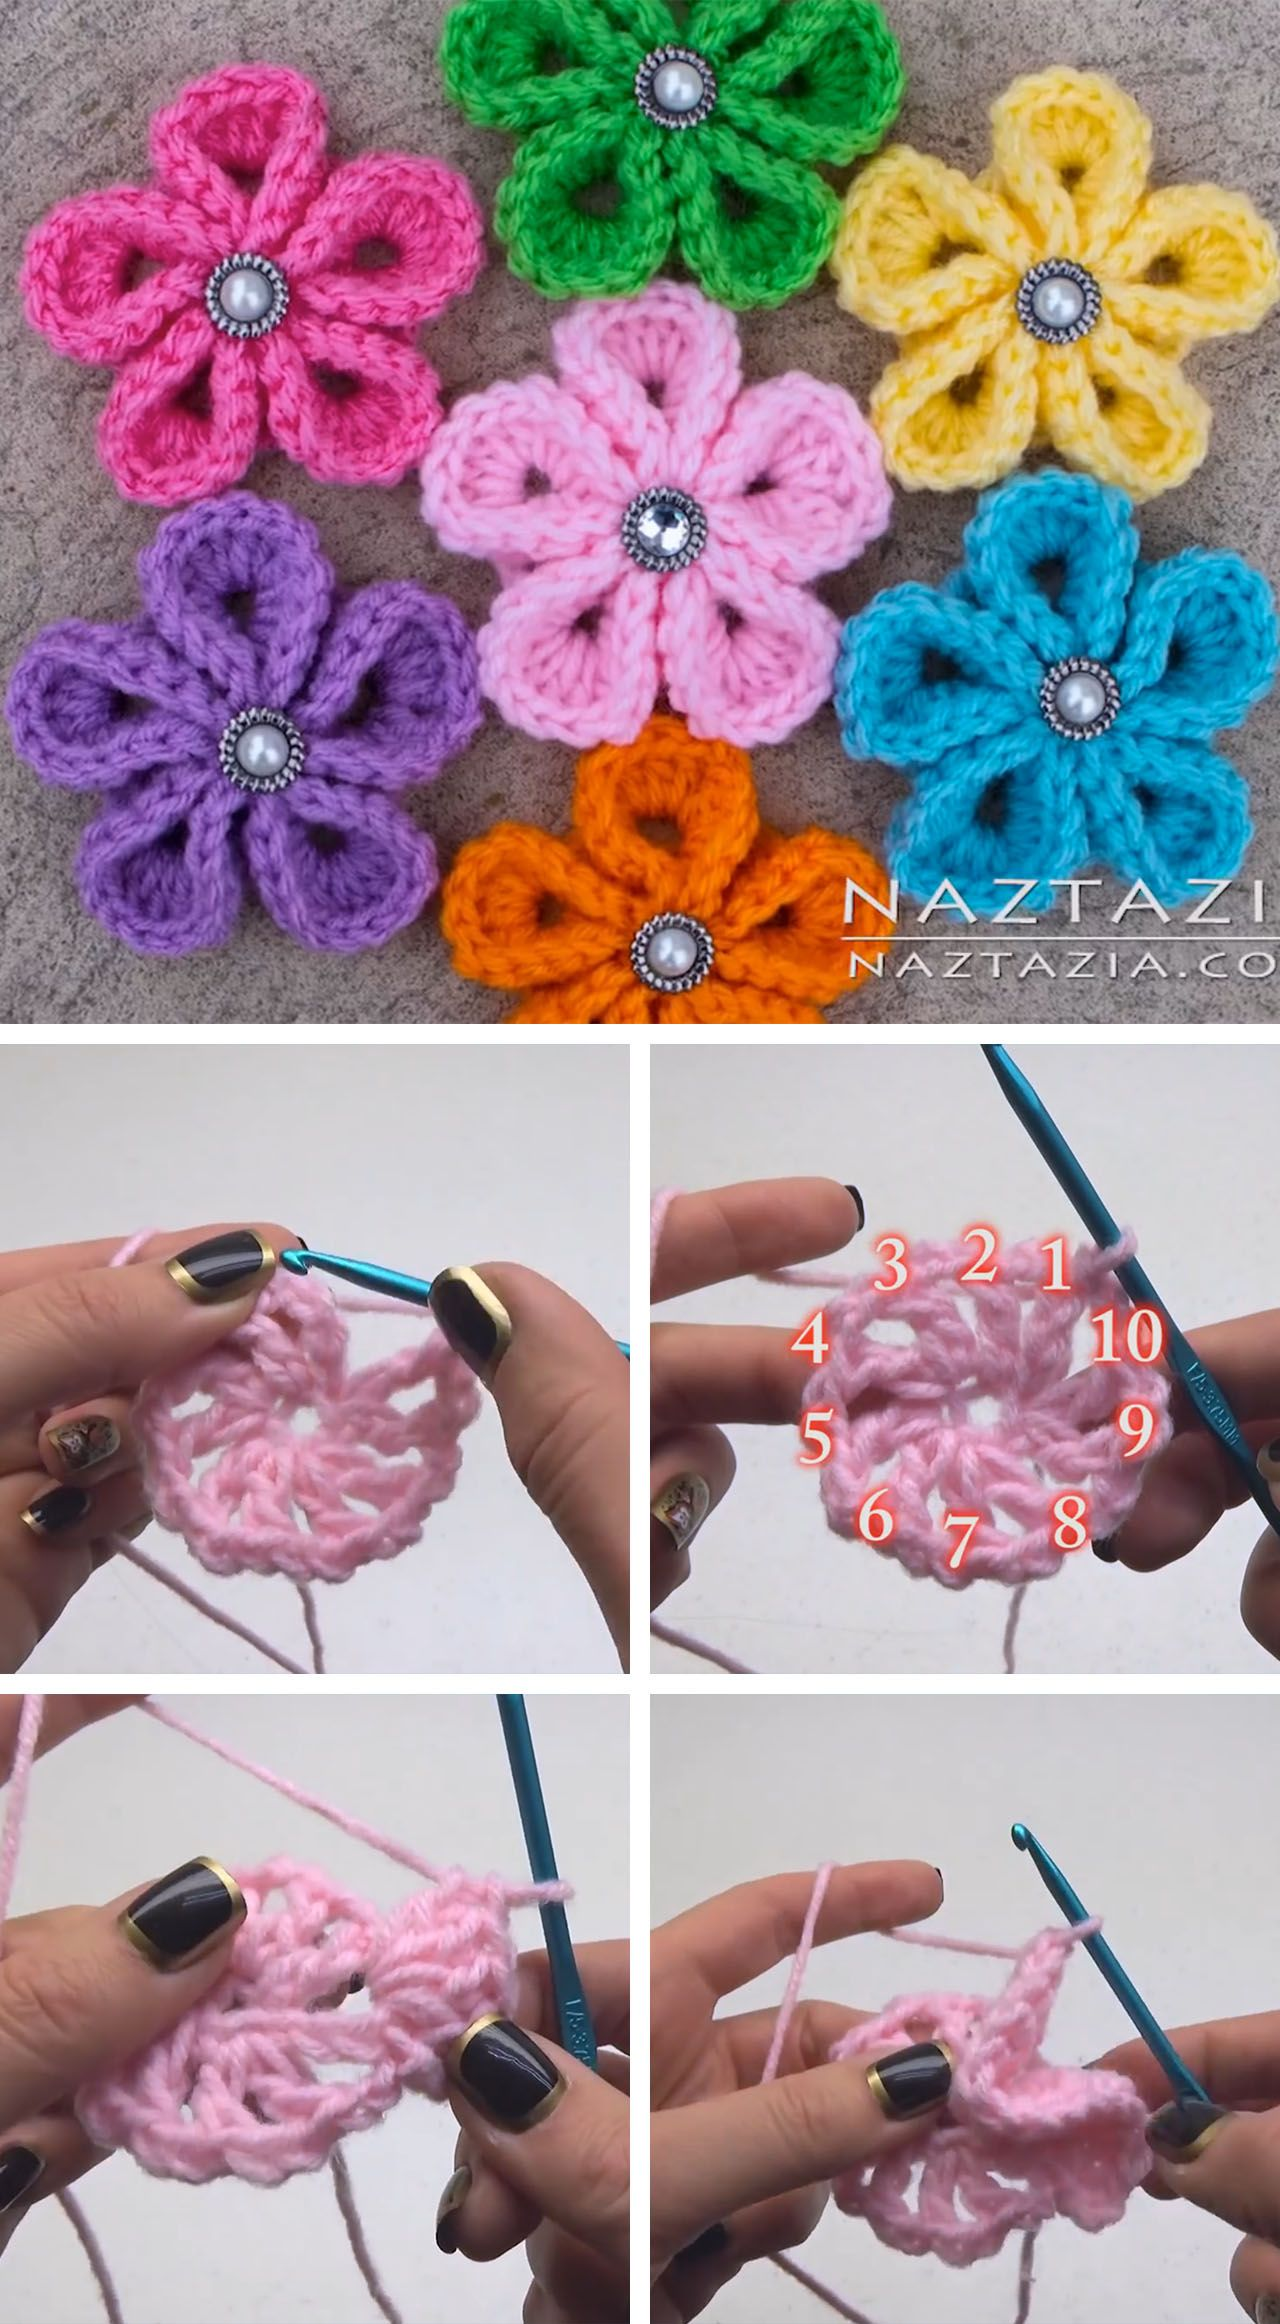 Crochet Kanzashi Flower Tutorial háčkován